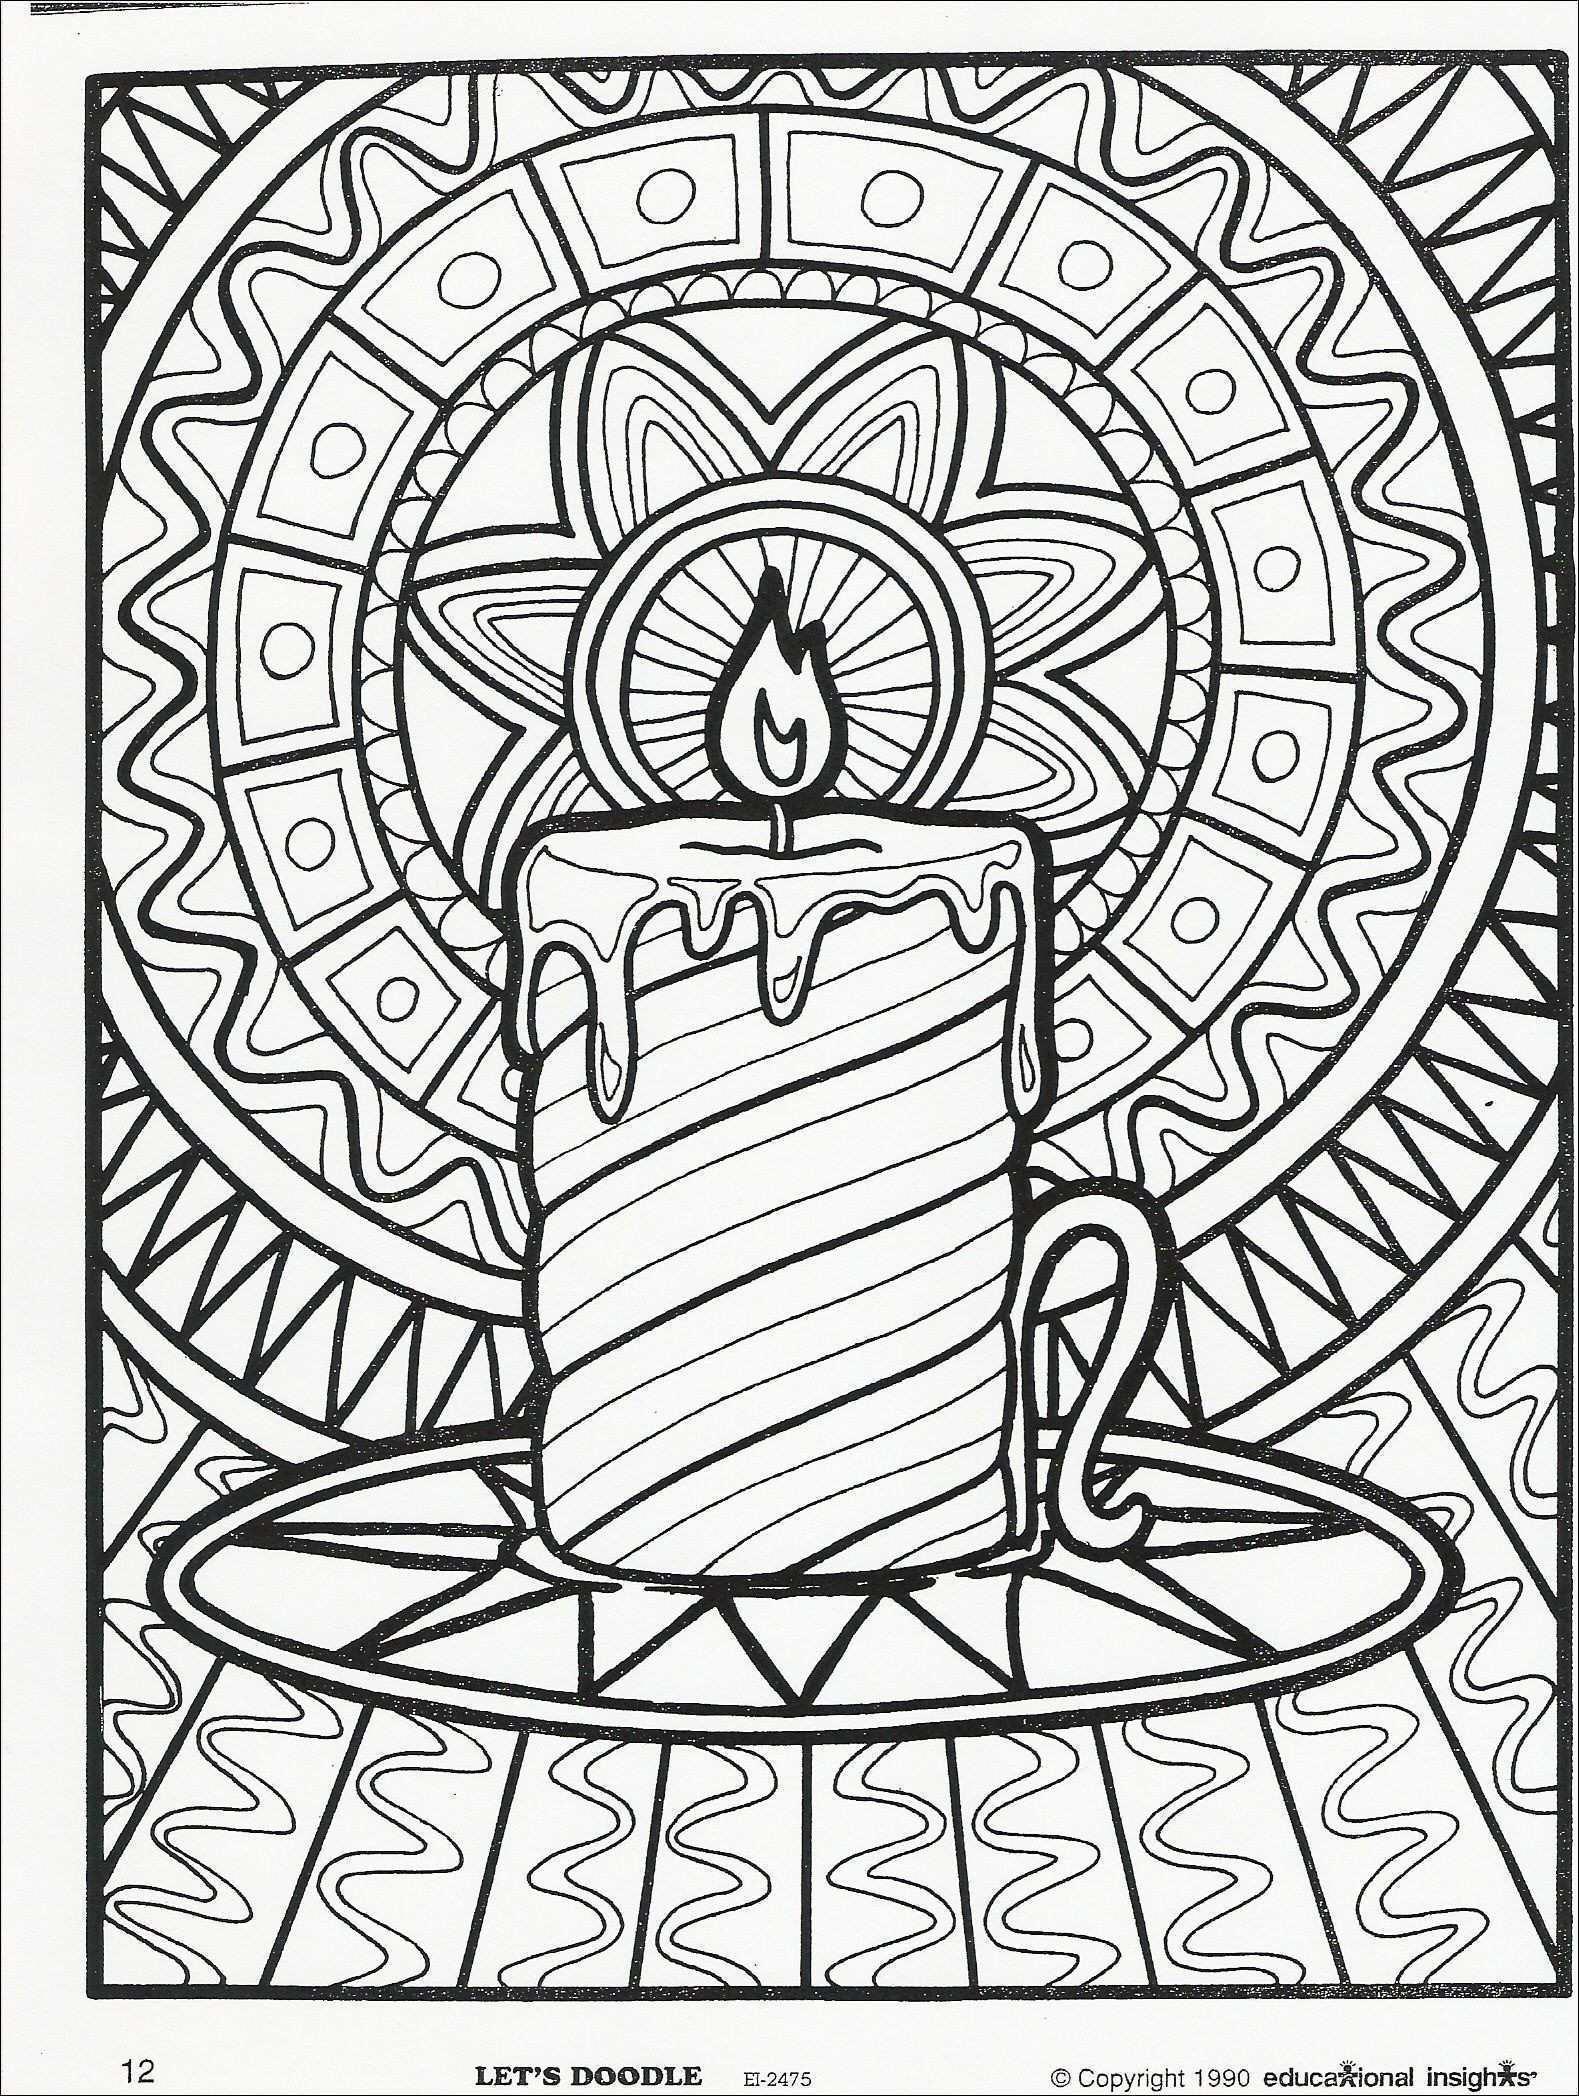 Ausmalbilder Weihnachten Mandala Das Beste Von Mandala Weihnachten Zum Ausdrucken Abbild Foto Van Patty Bartlett Fotos